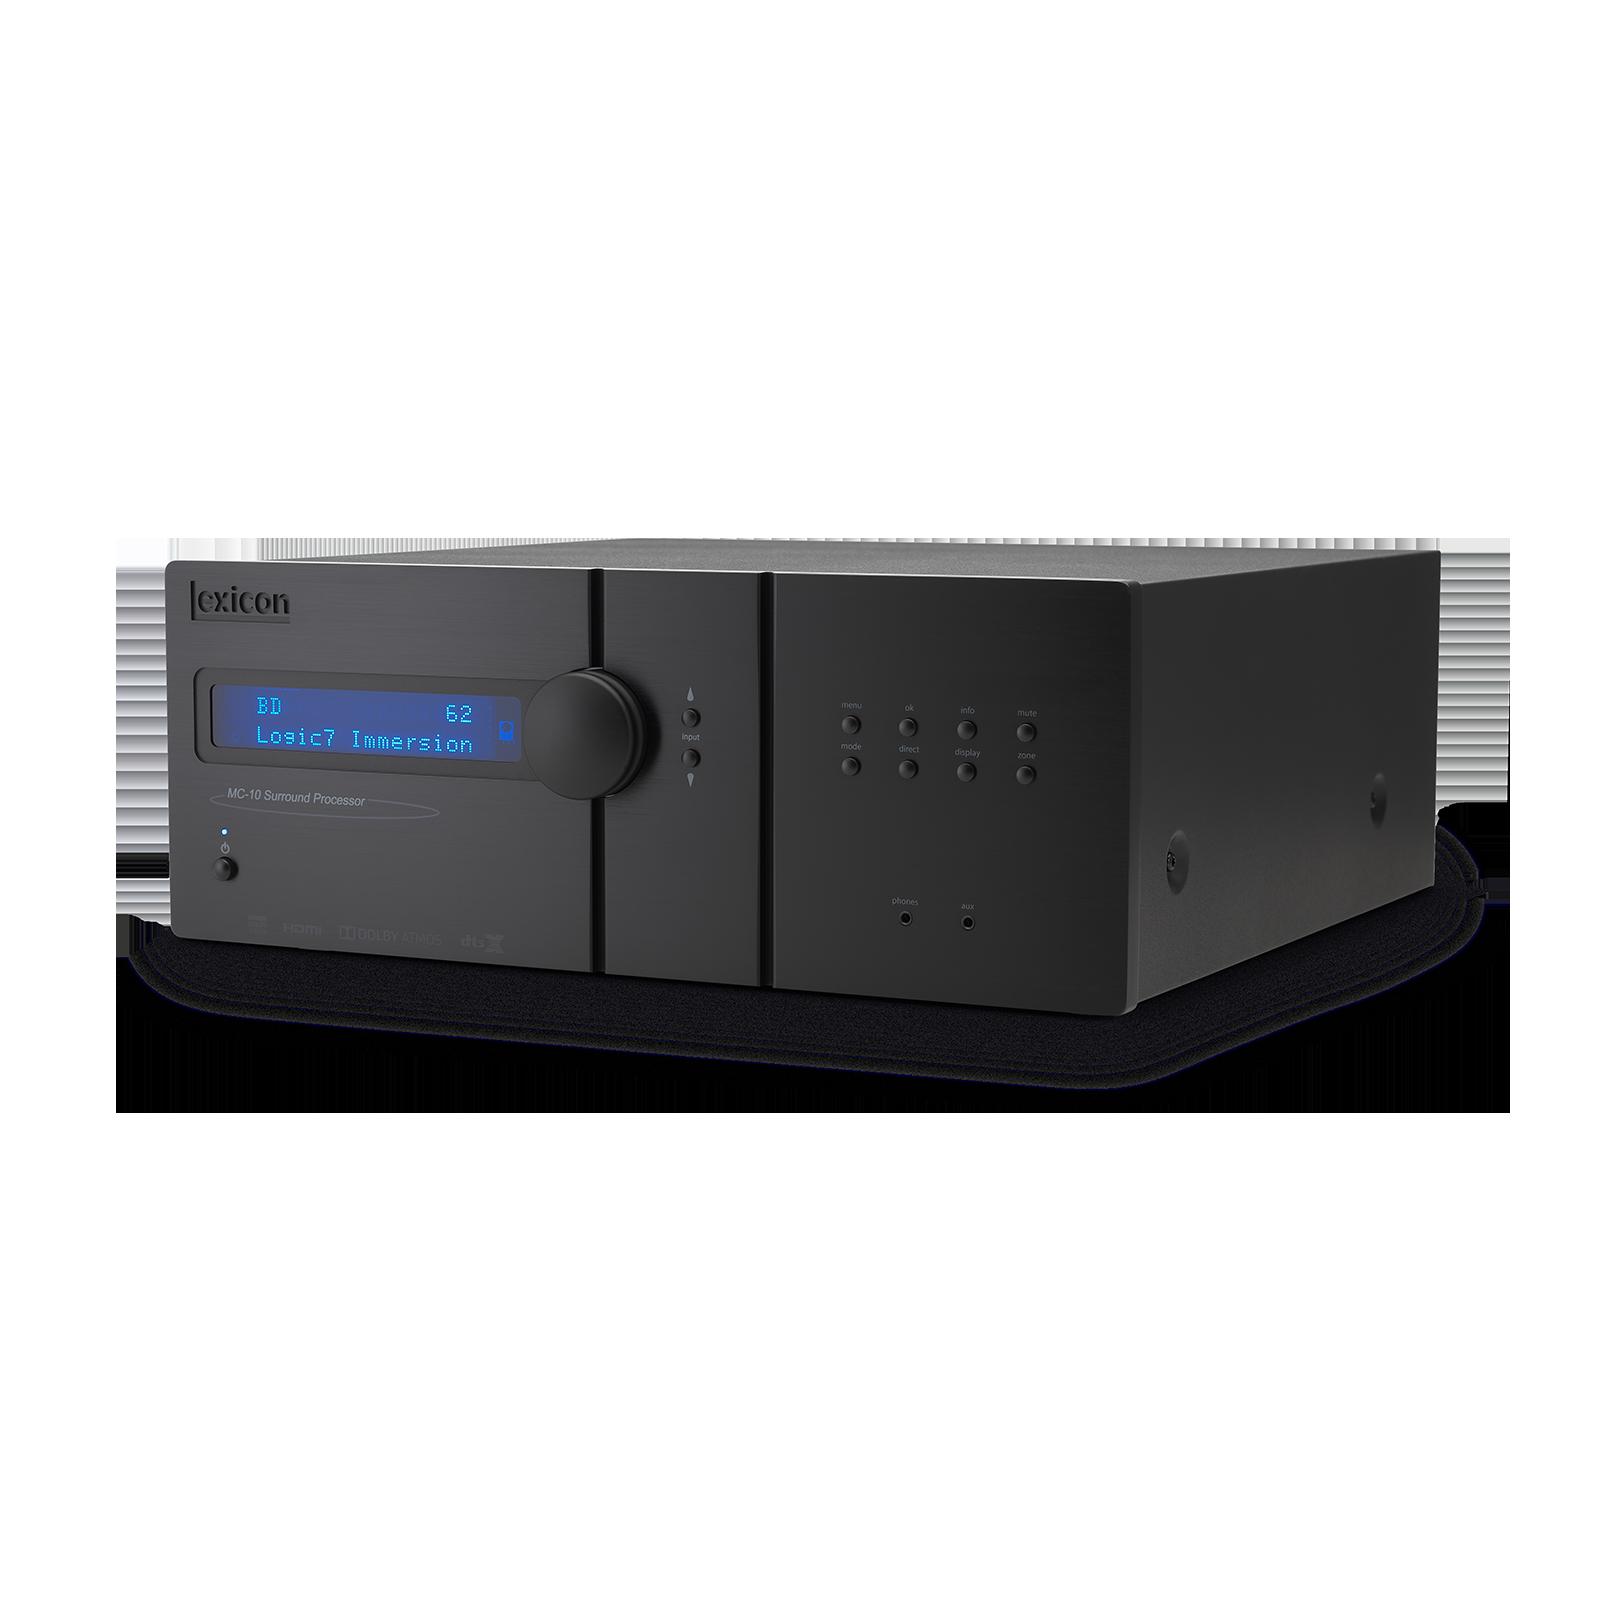 Lexicon MC-10 - Black - Immersive Surround Sound AV Processor - Hero